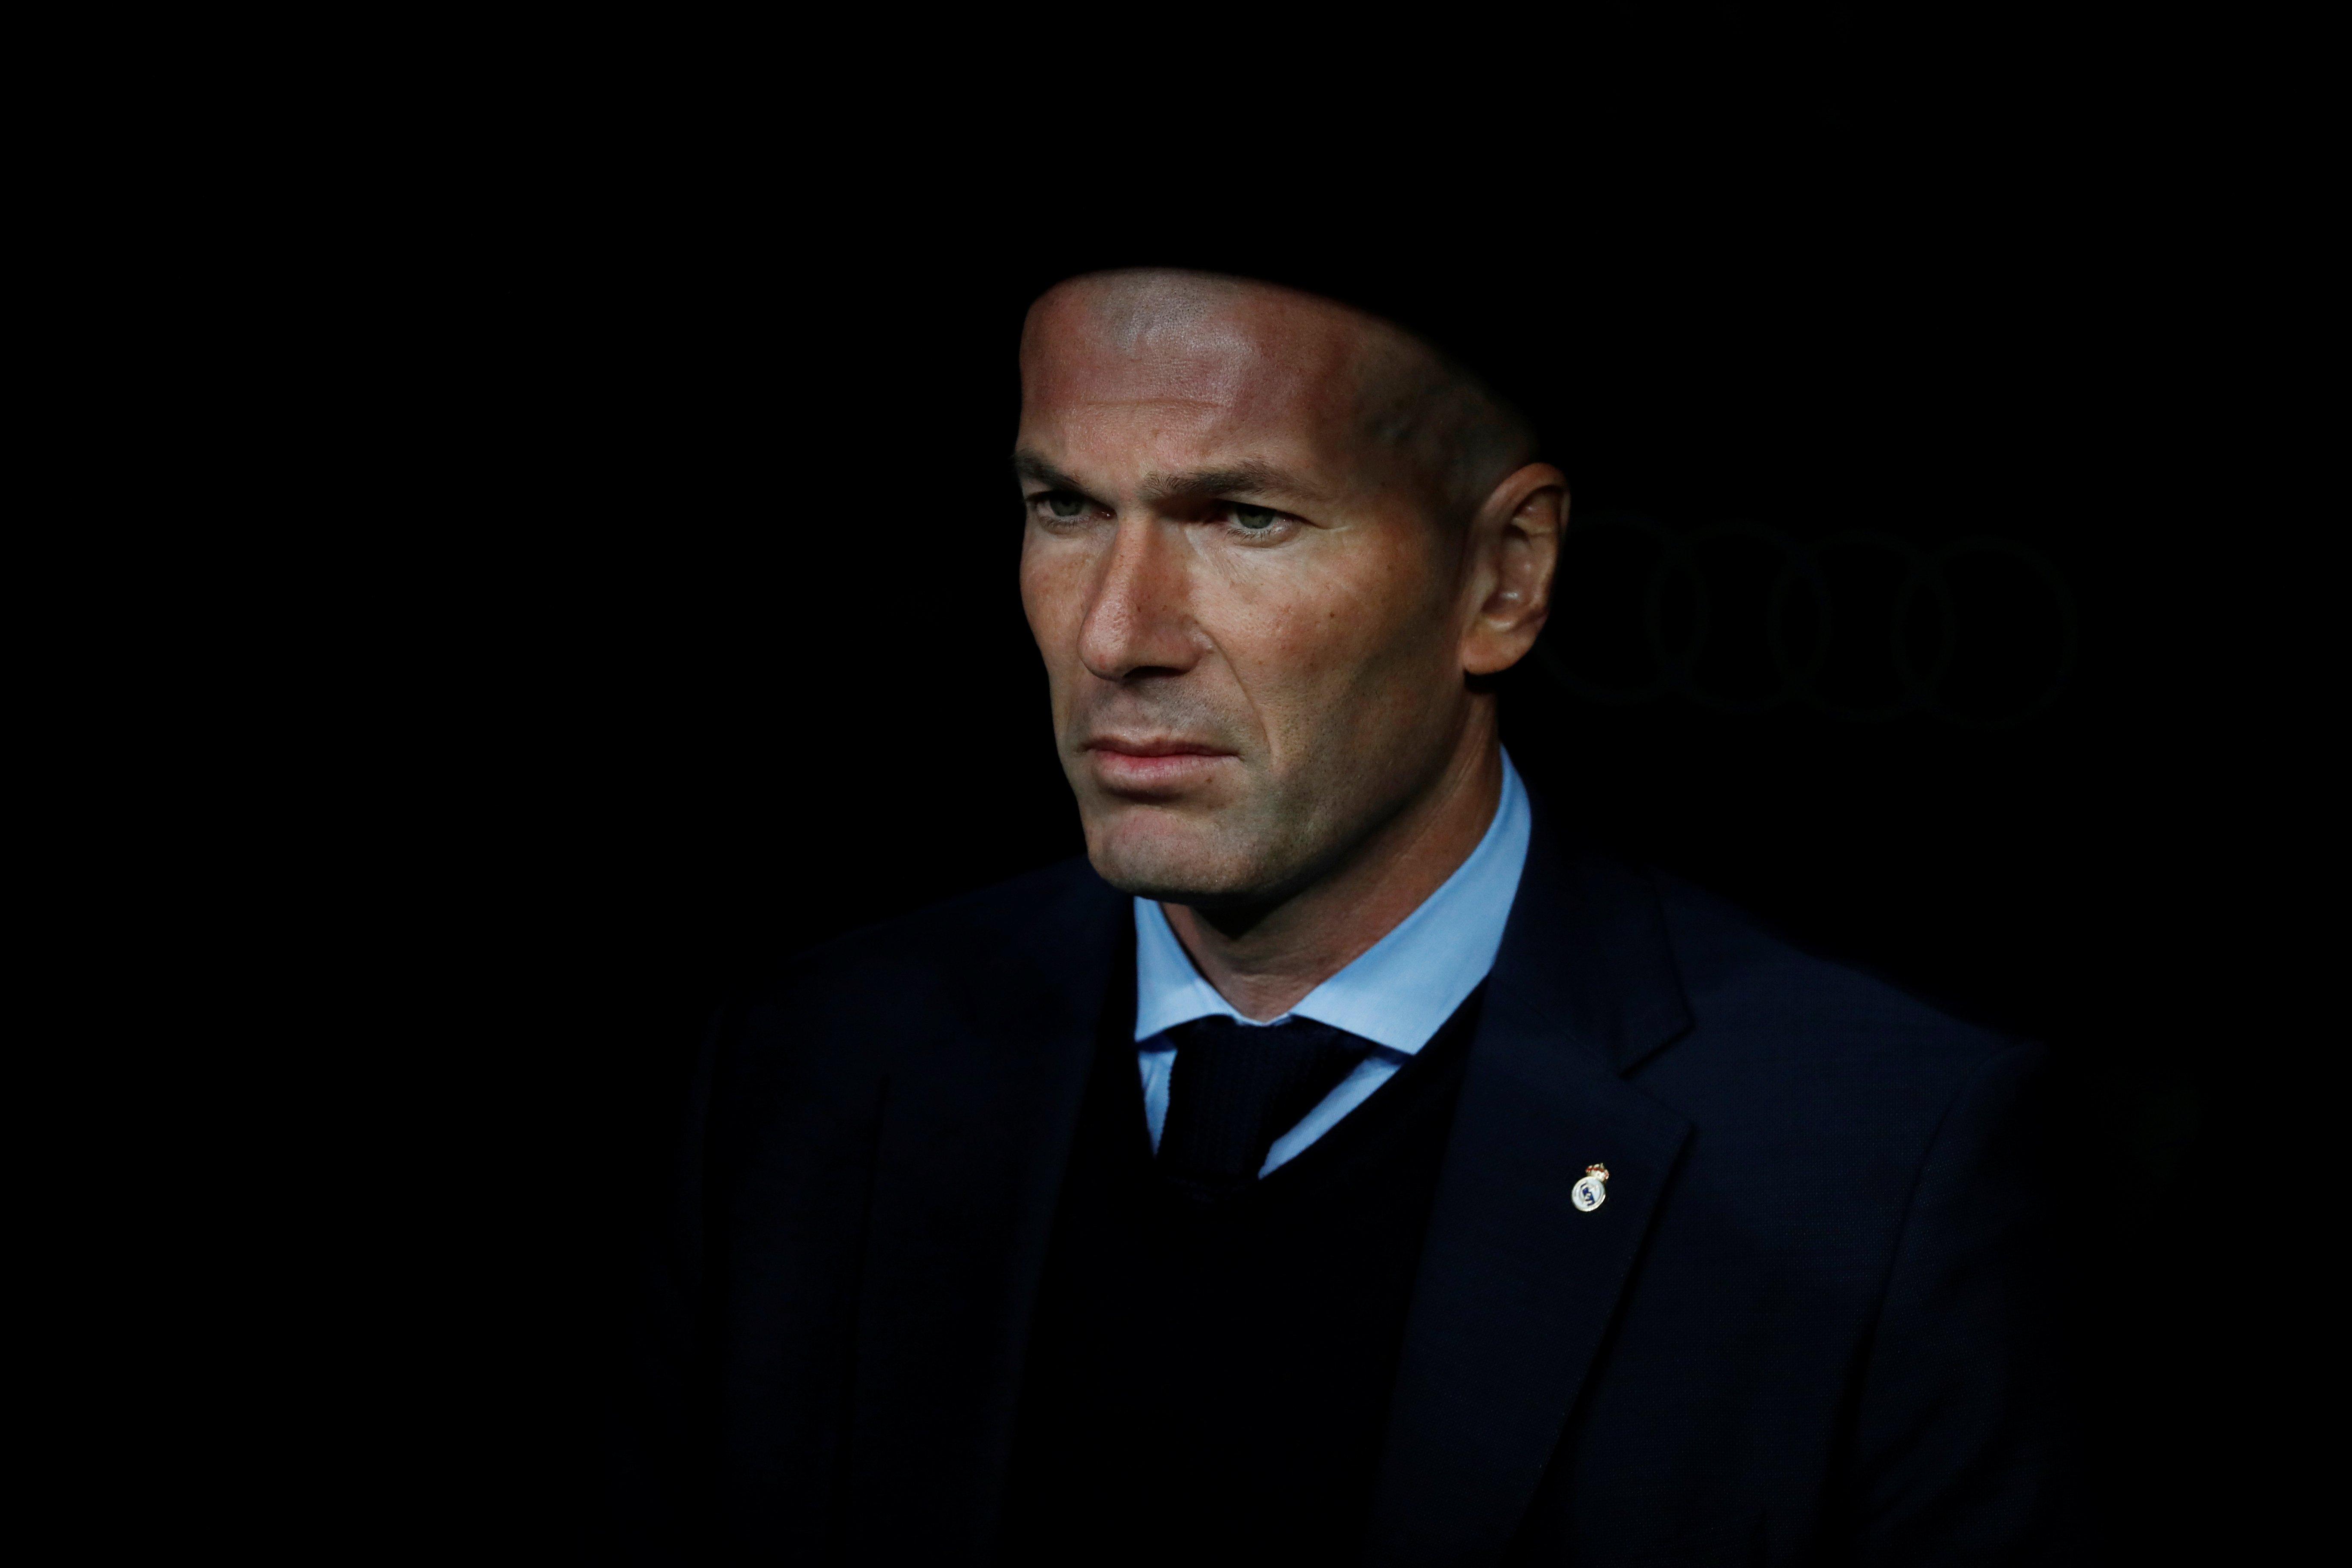 """Liga / Real Madrid - Zidane : """"Nous ne sommes pas anxieux avant le match face au PSG"""""""